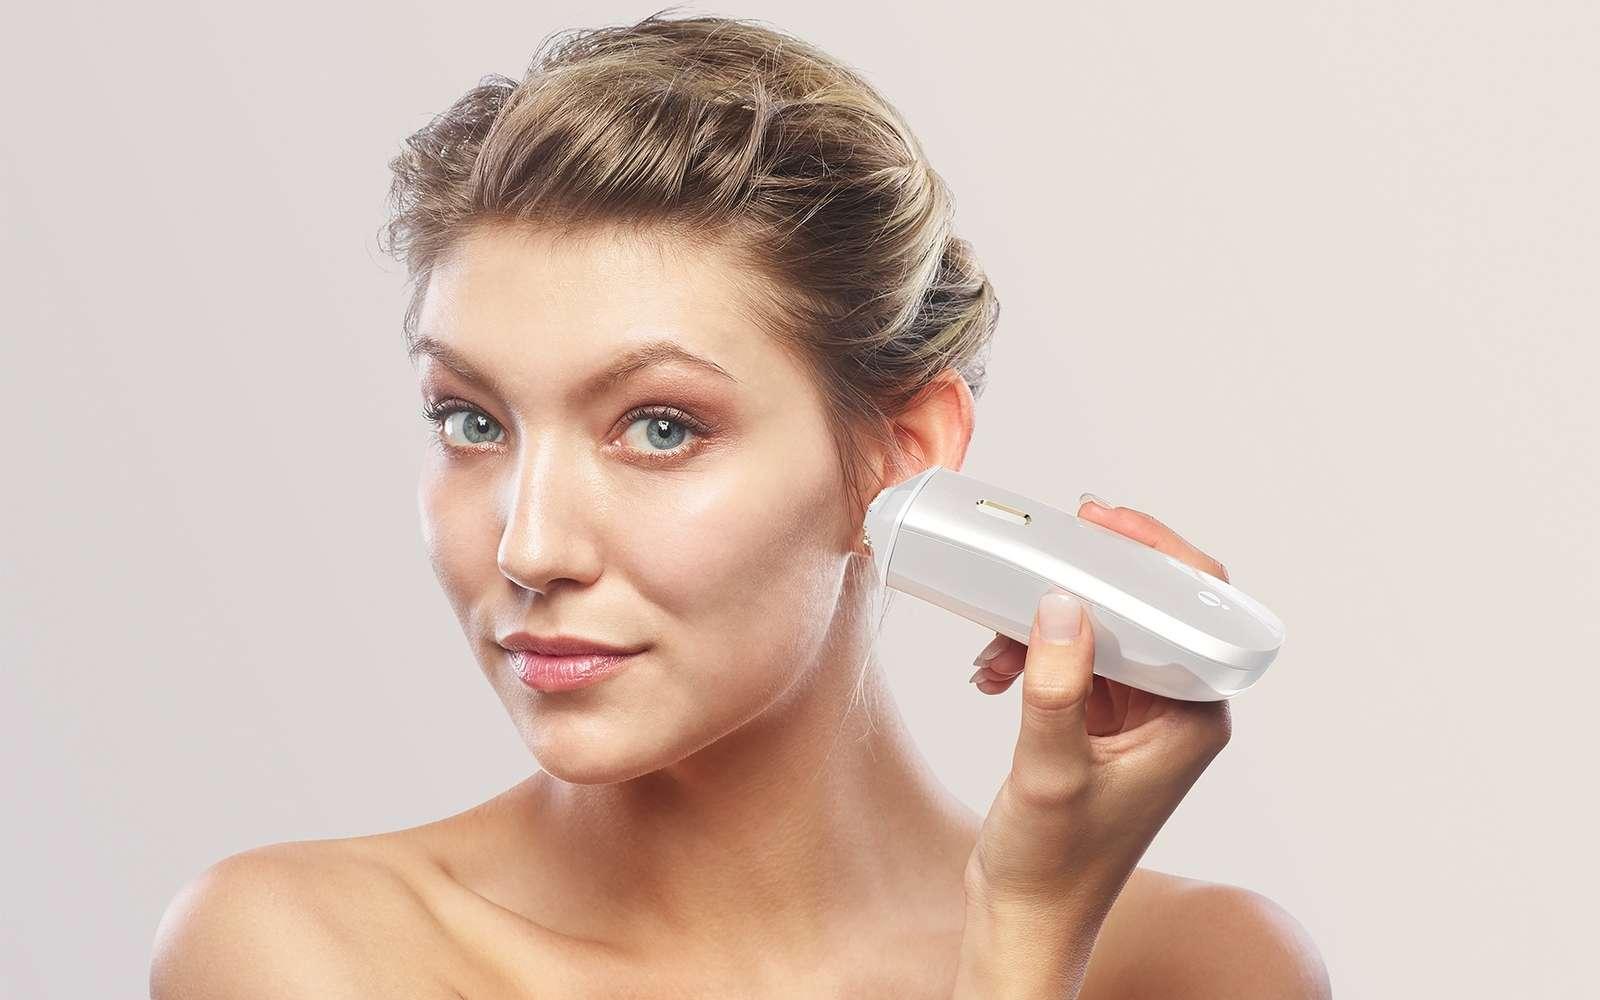 L'Opté Precision Skincare System de Procter & Gamble n'est pas encore commercialisé. © Procter & Gamble